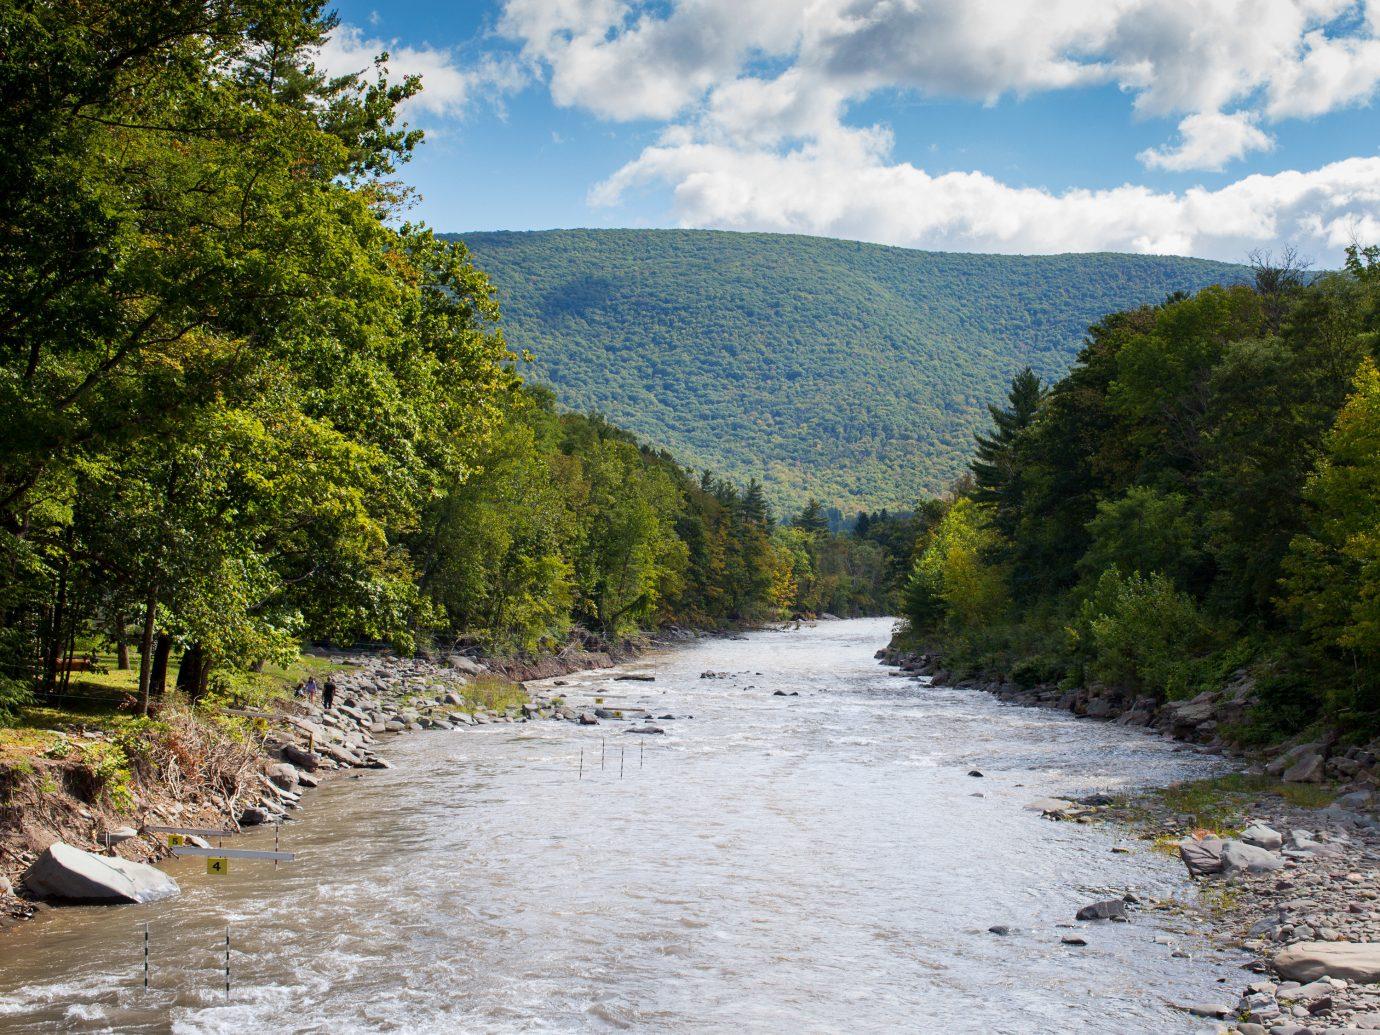 The Graham & Co., Phoenicia, Catskill Region, New York